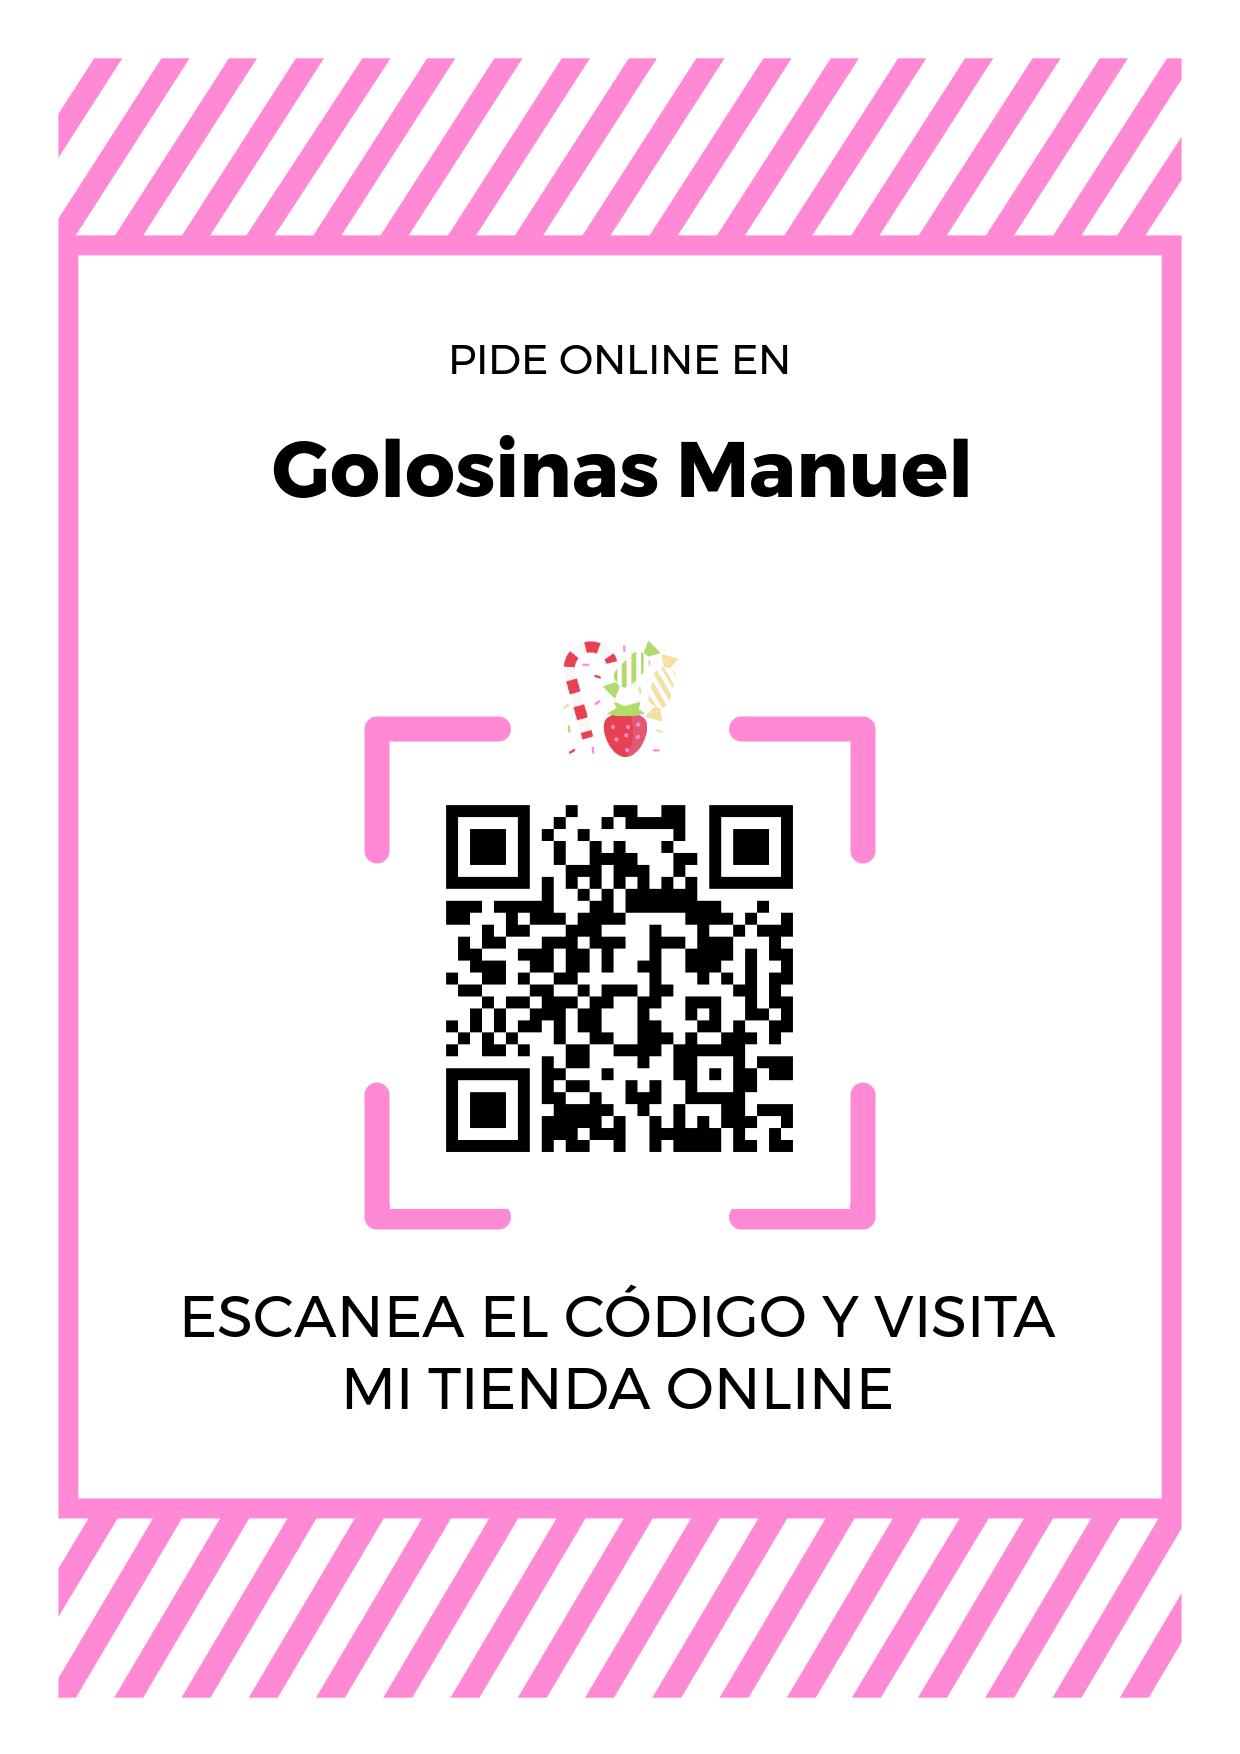 Cartel Póster de Código QR para tienda de Golosinas